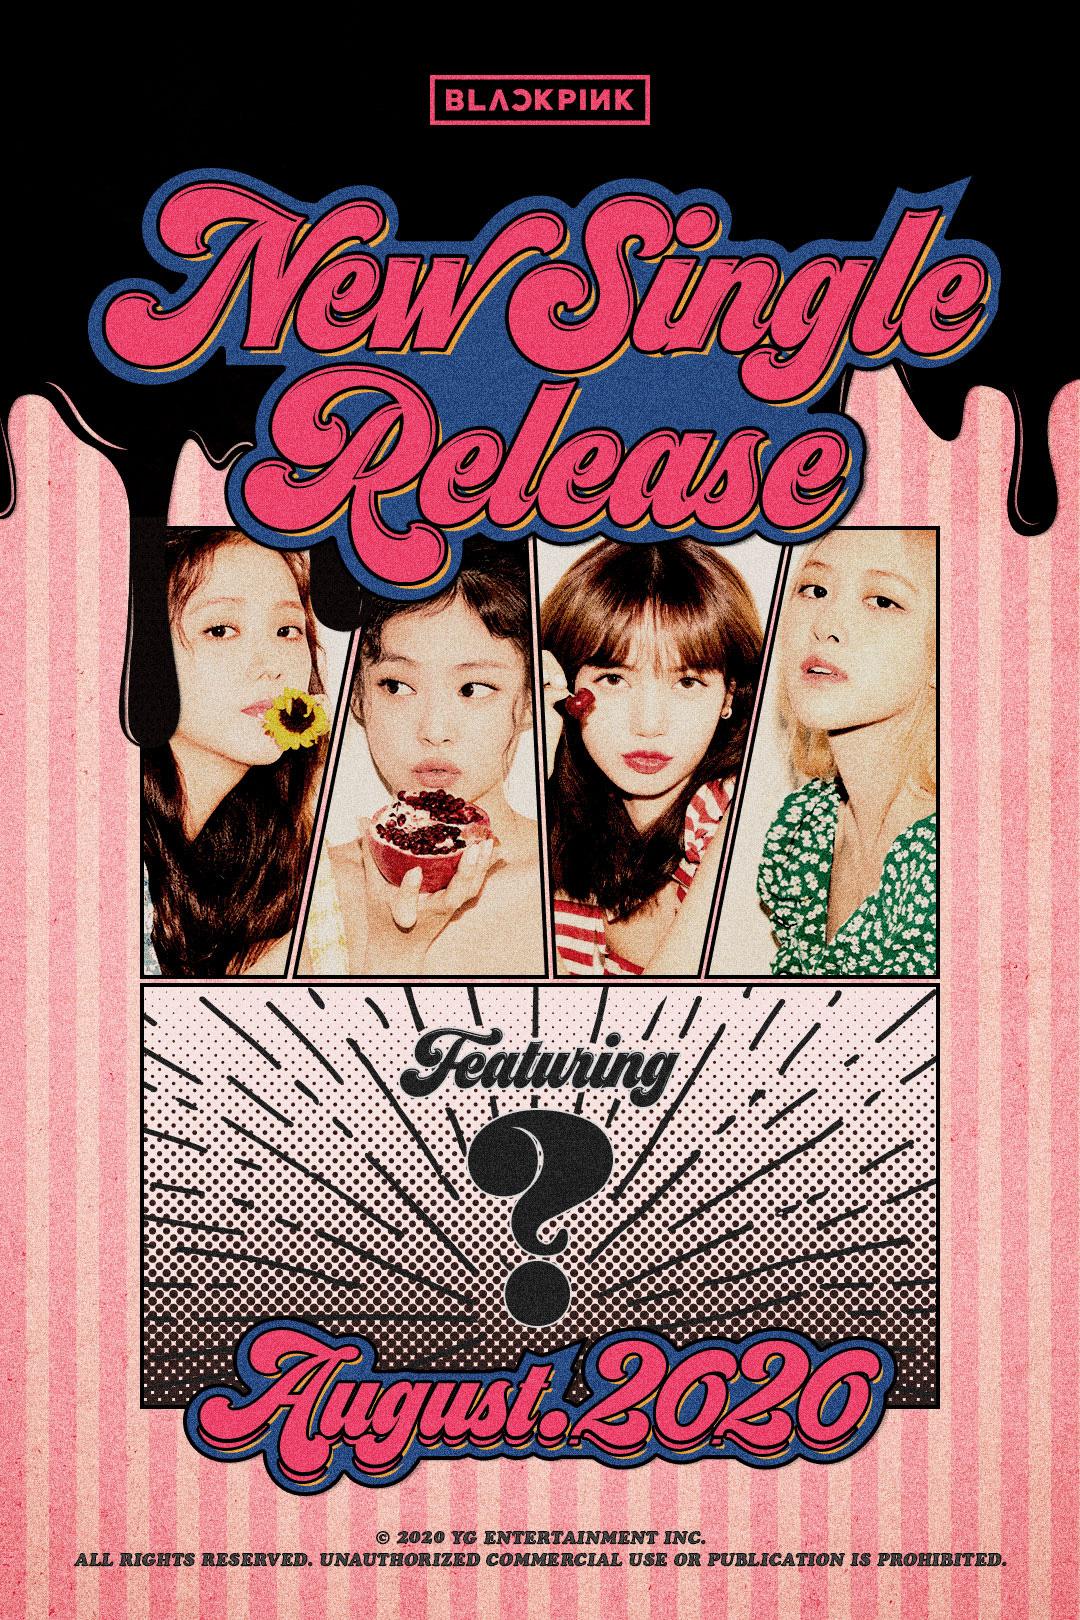 BLACKPINK tung poster kẹo ngọt thông báo ra mắt single vào tháng 8, fan đồng loạt réo tên Ariana Grande và G-Dragon! - Ảnh 1.